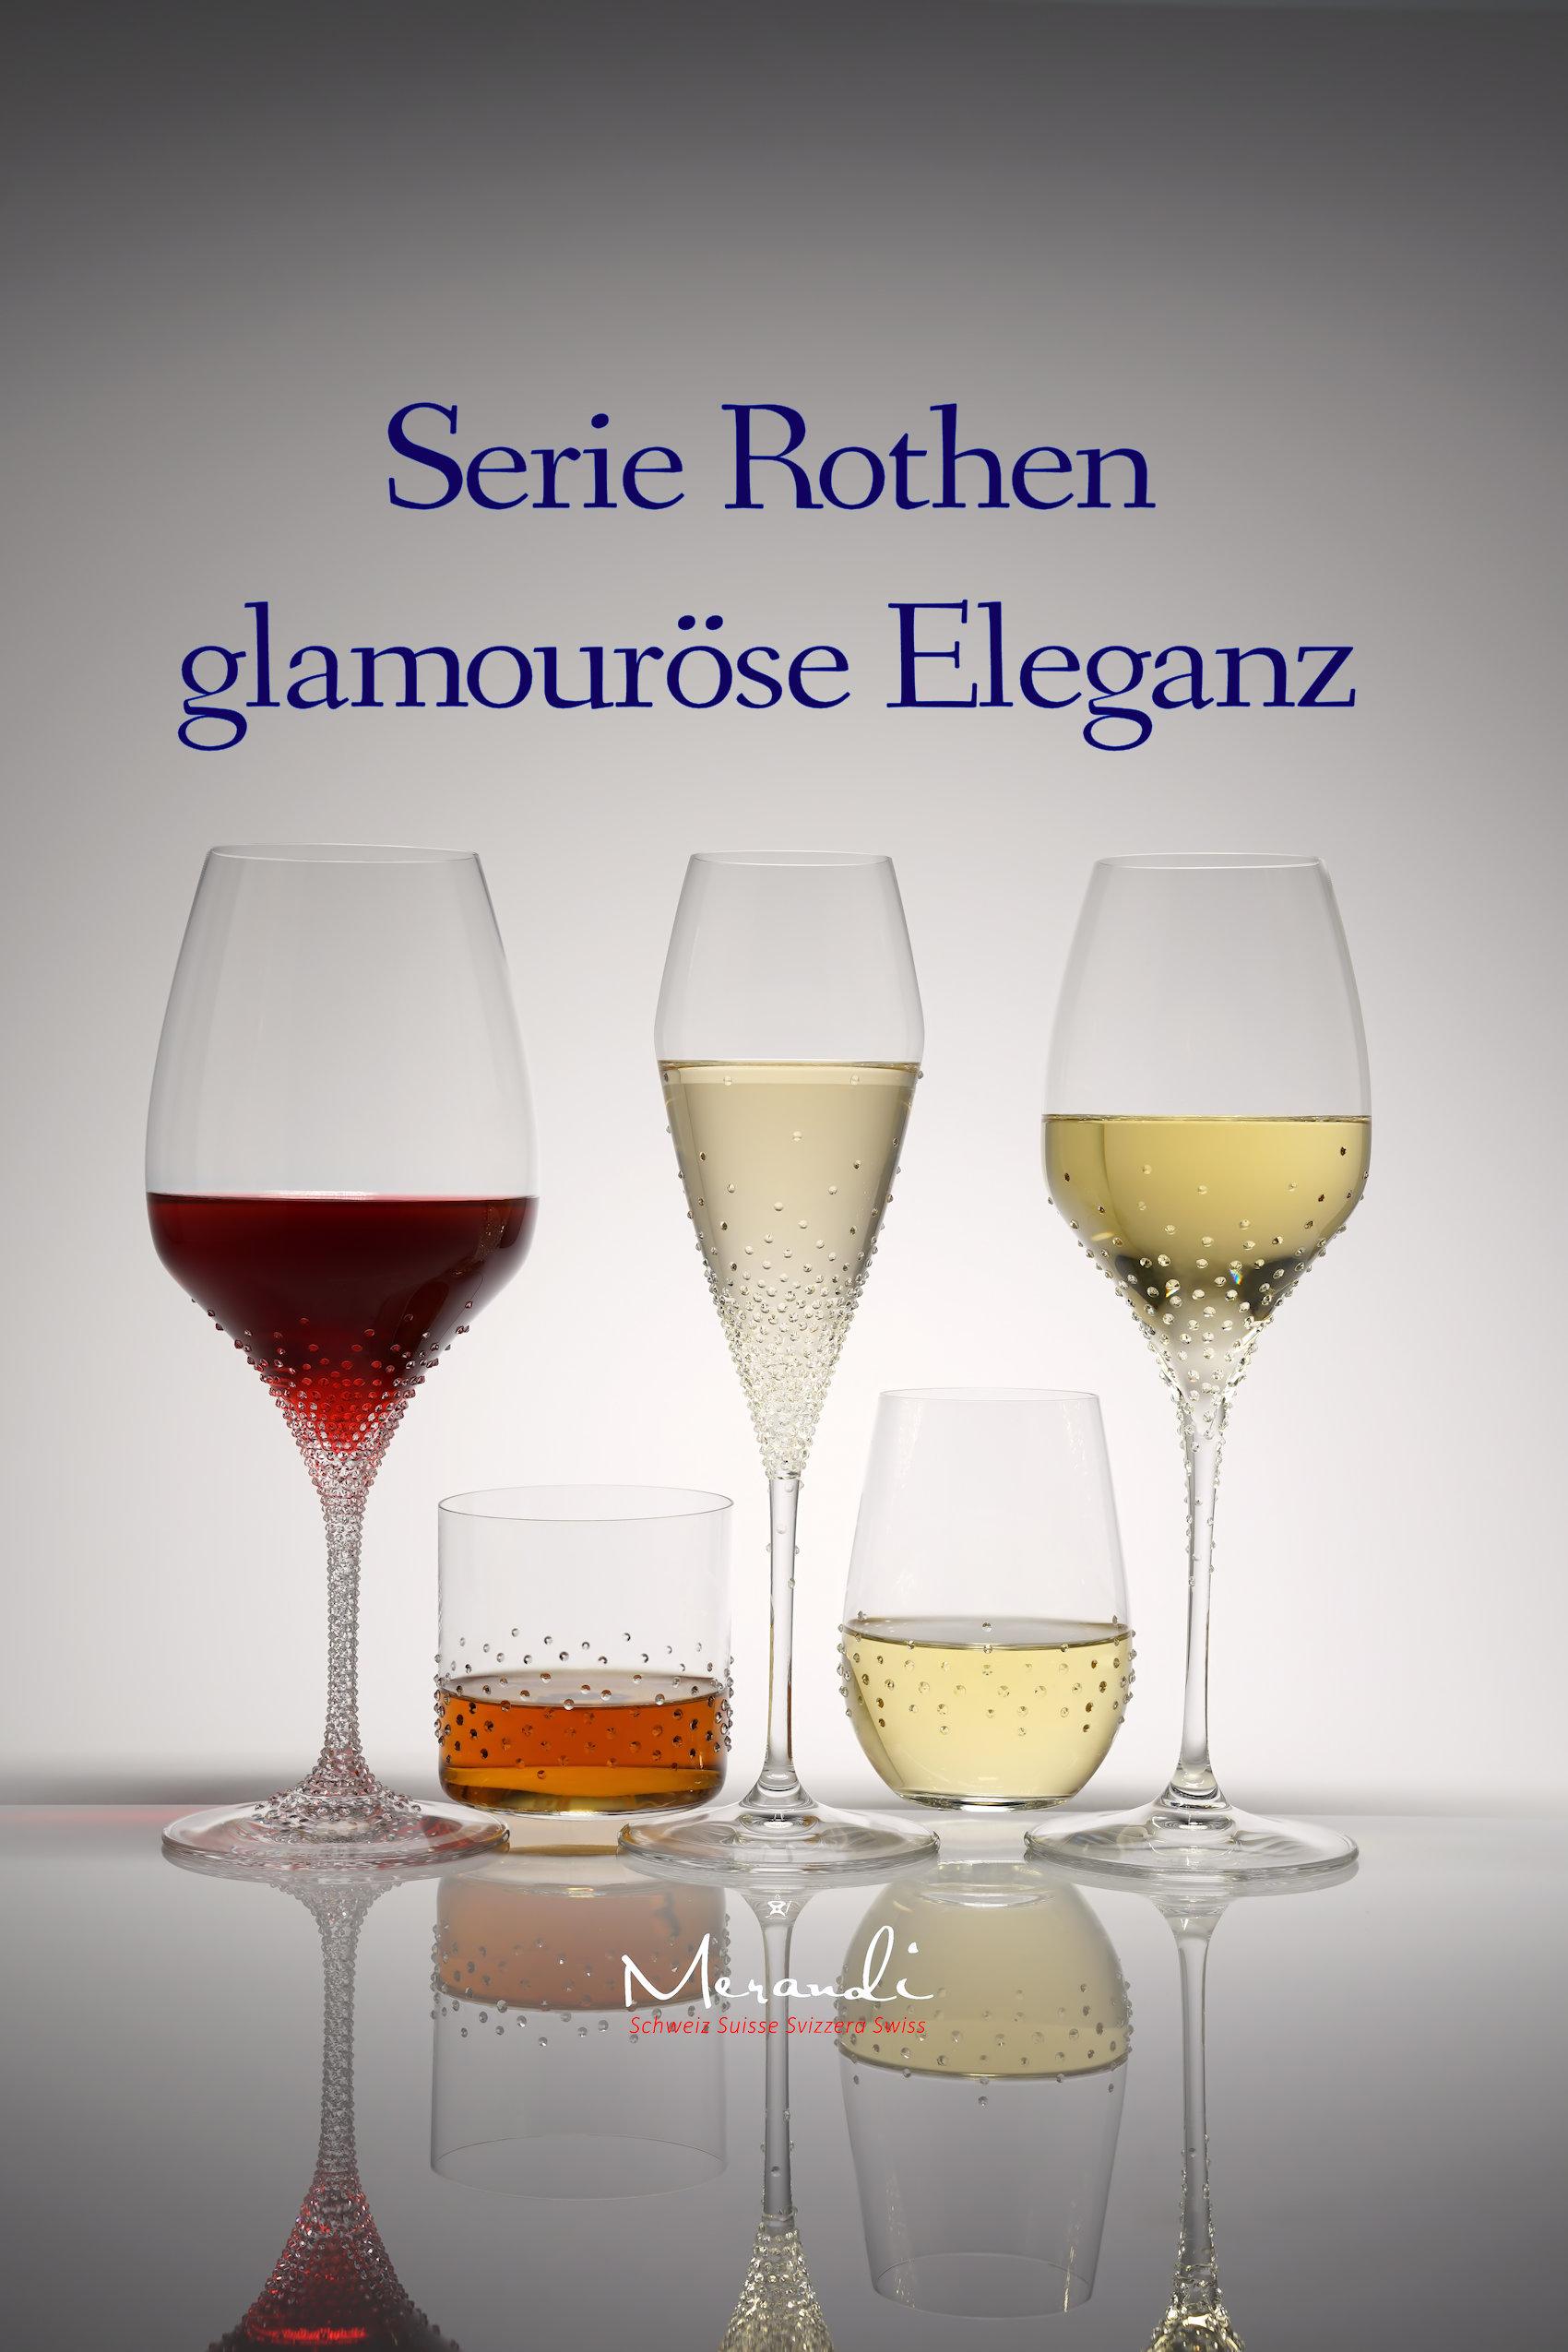 Série de verres Rothen, Merandi Suisse, verres Riedel® affinés avec des cristaux Swarovski®